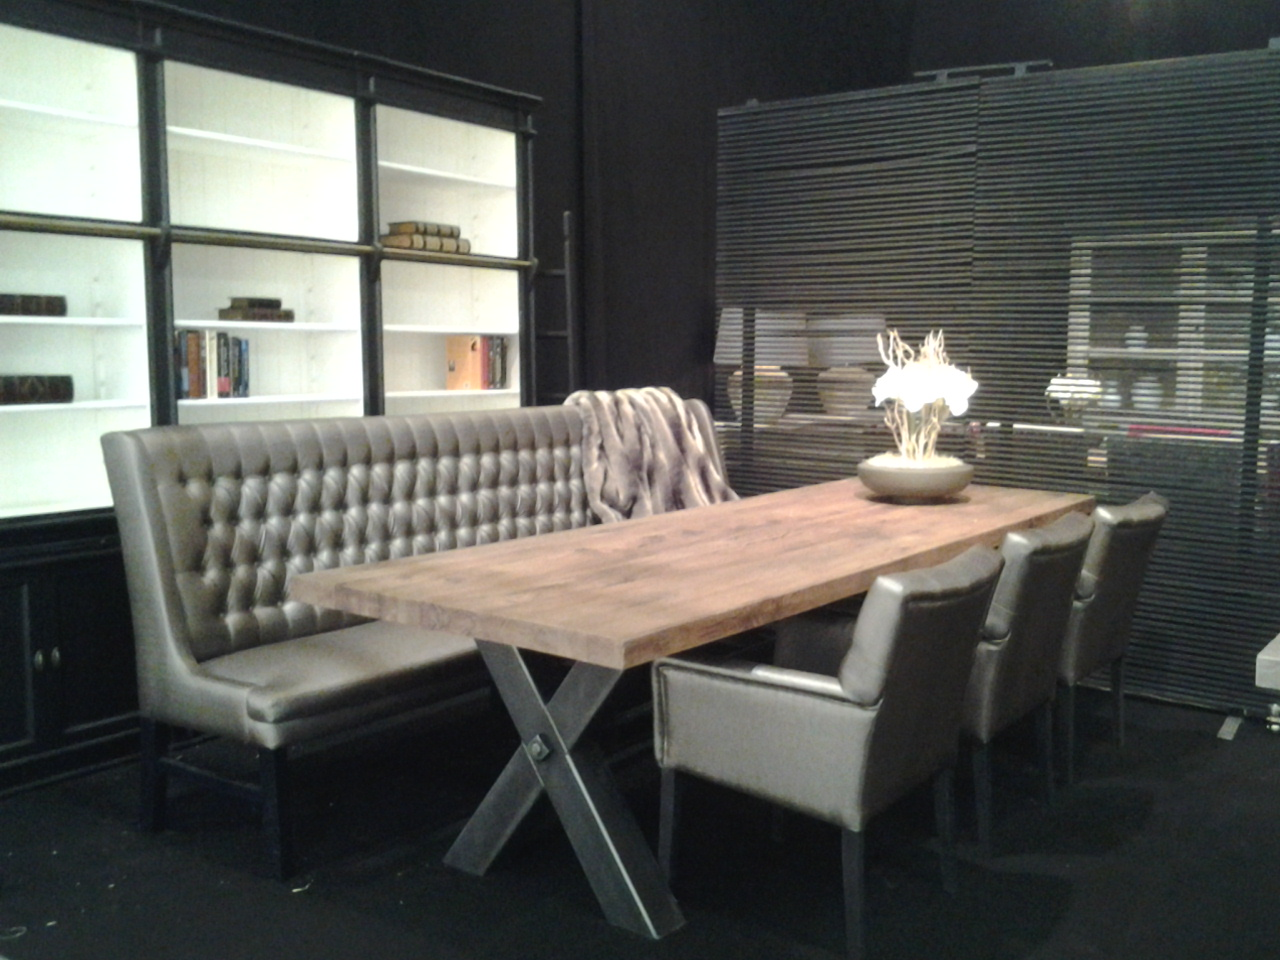 Eetkamertafel decoratie beste inspiratie voor interieur design en meubels idee n - Decoratie tafel eetkamer ...